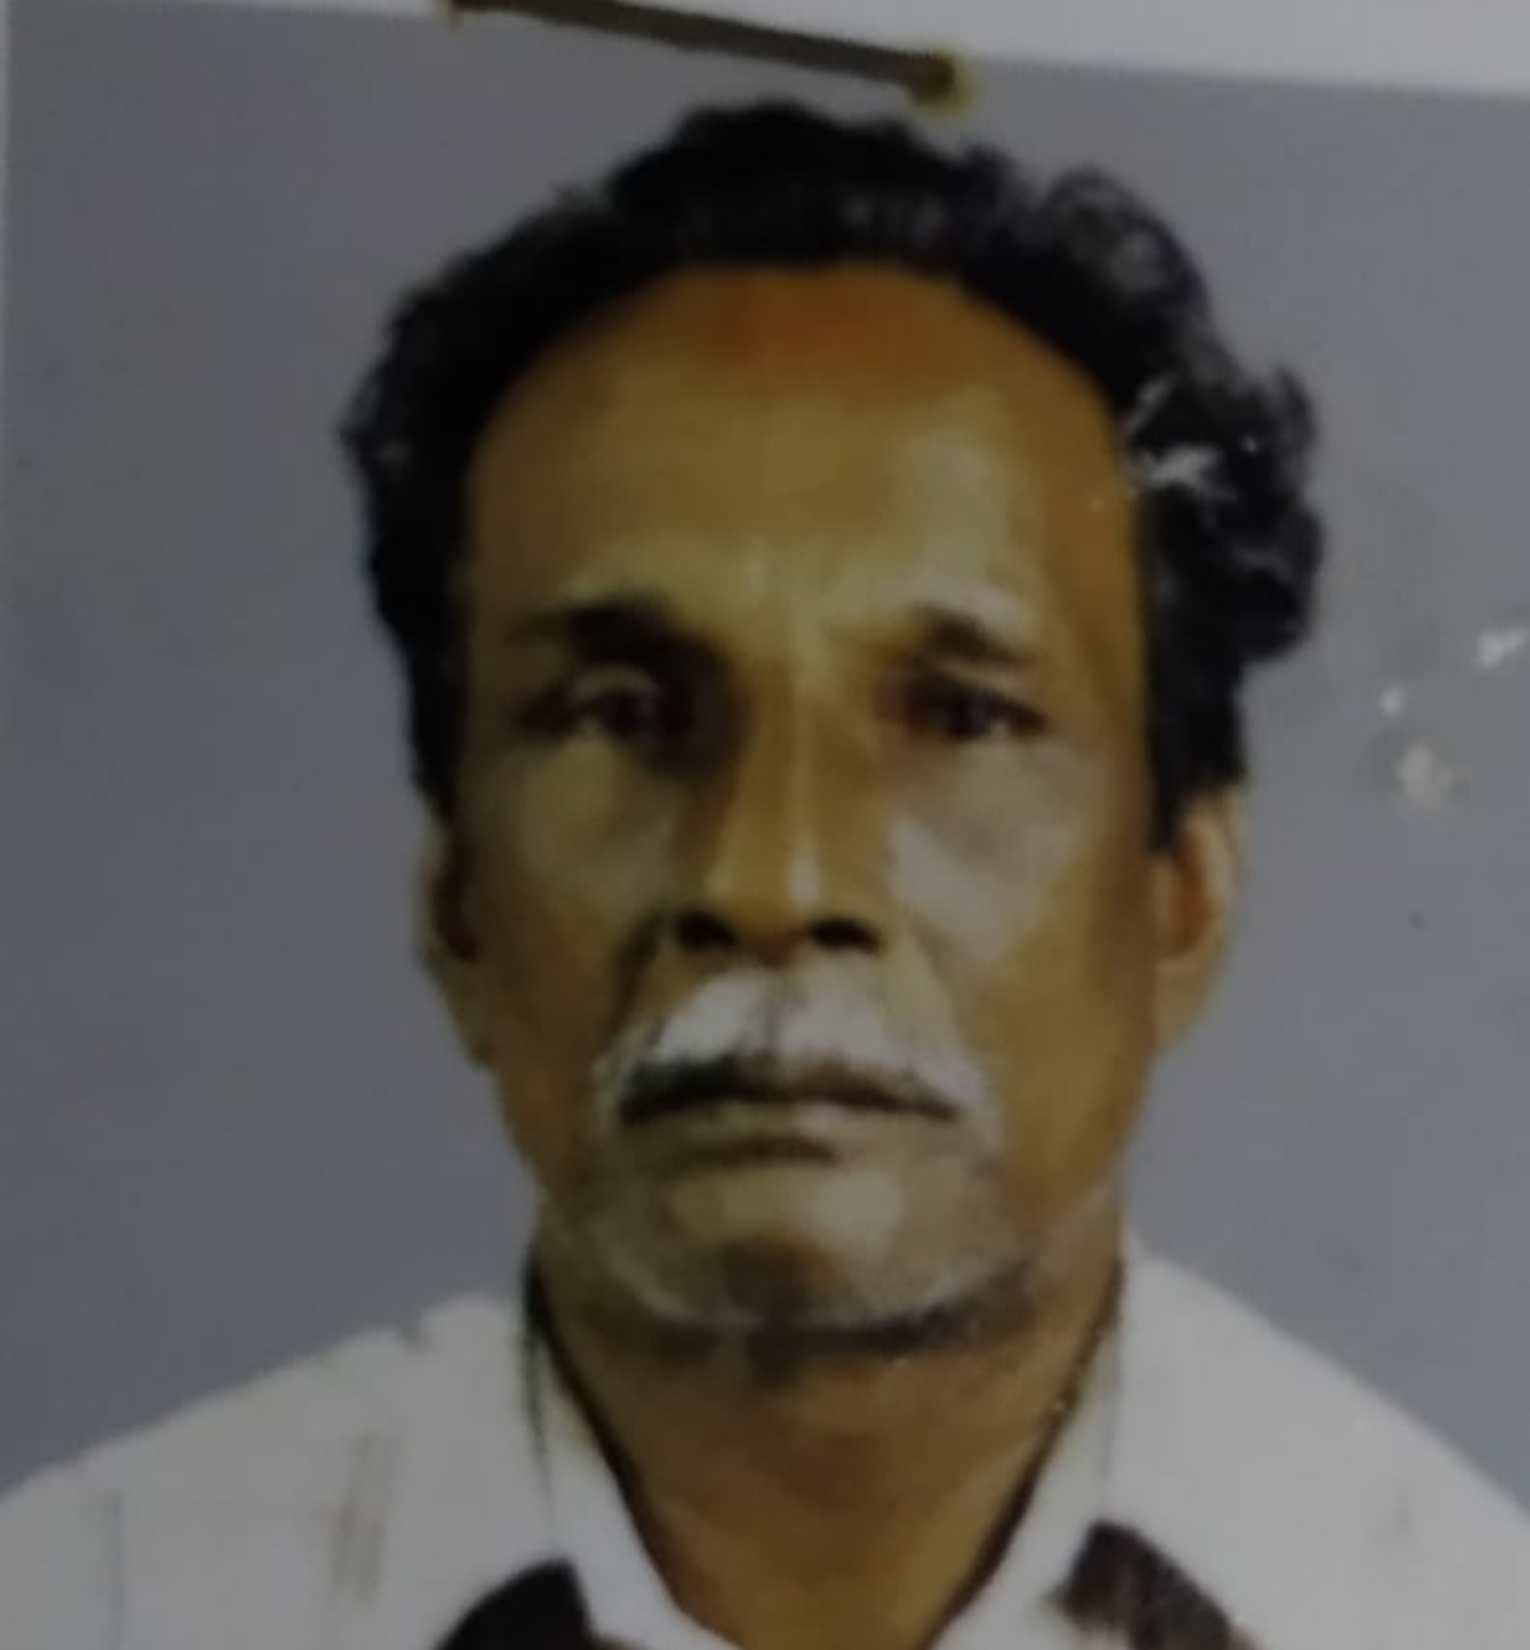 എസ്ഡിപിഐ സംസ്ഥാന സെക്രട്ടറി പിആർ സിയാദിന്റെ പിതാവ് മരണപ്പെട്ടു